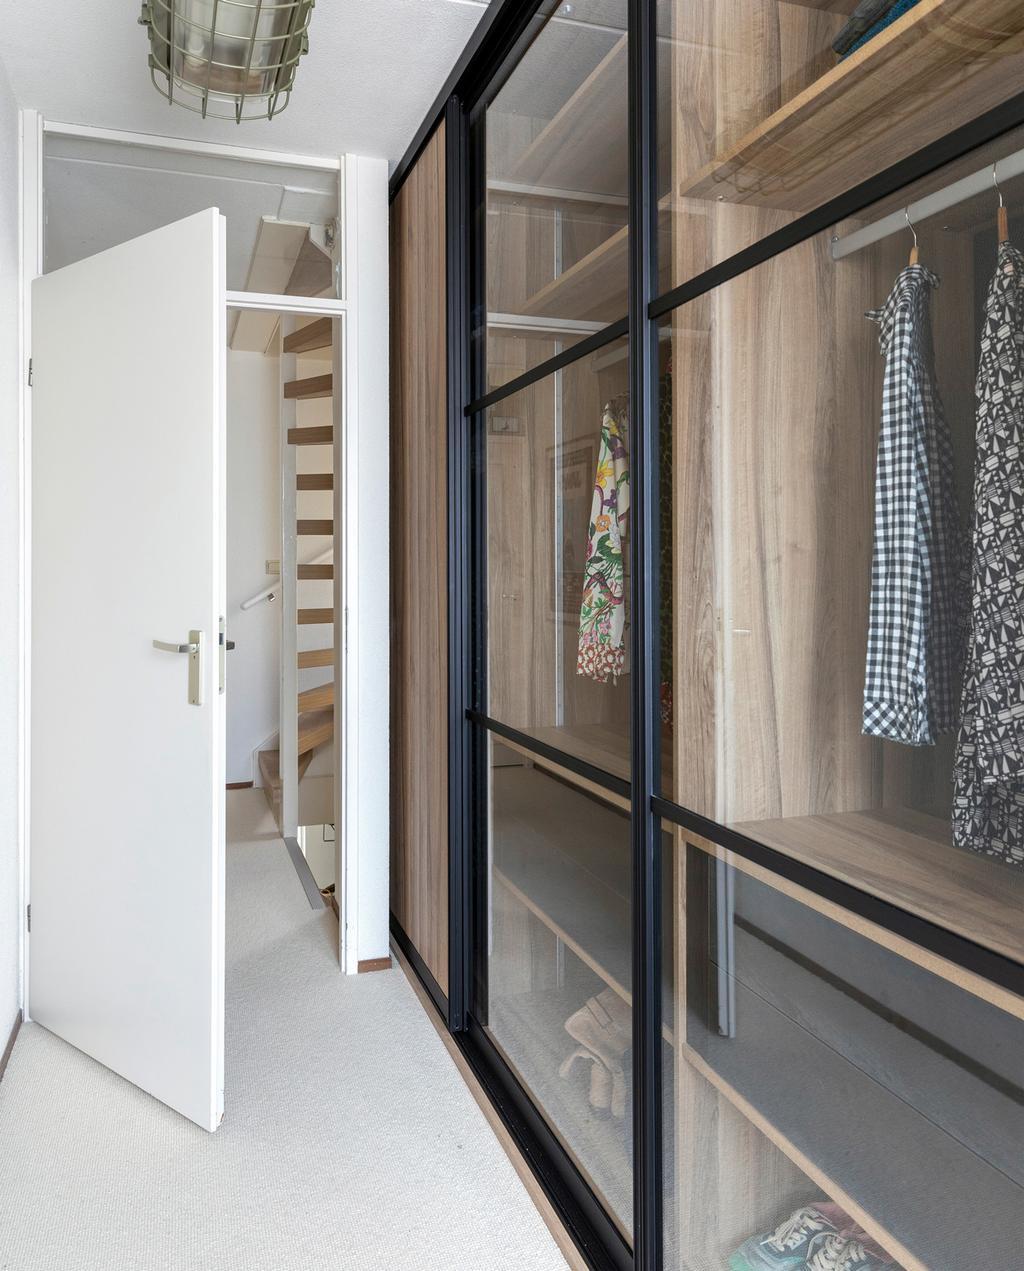 Eindresultaat Weer verliefd op je huis in Hoofddorp door Marianne